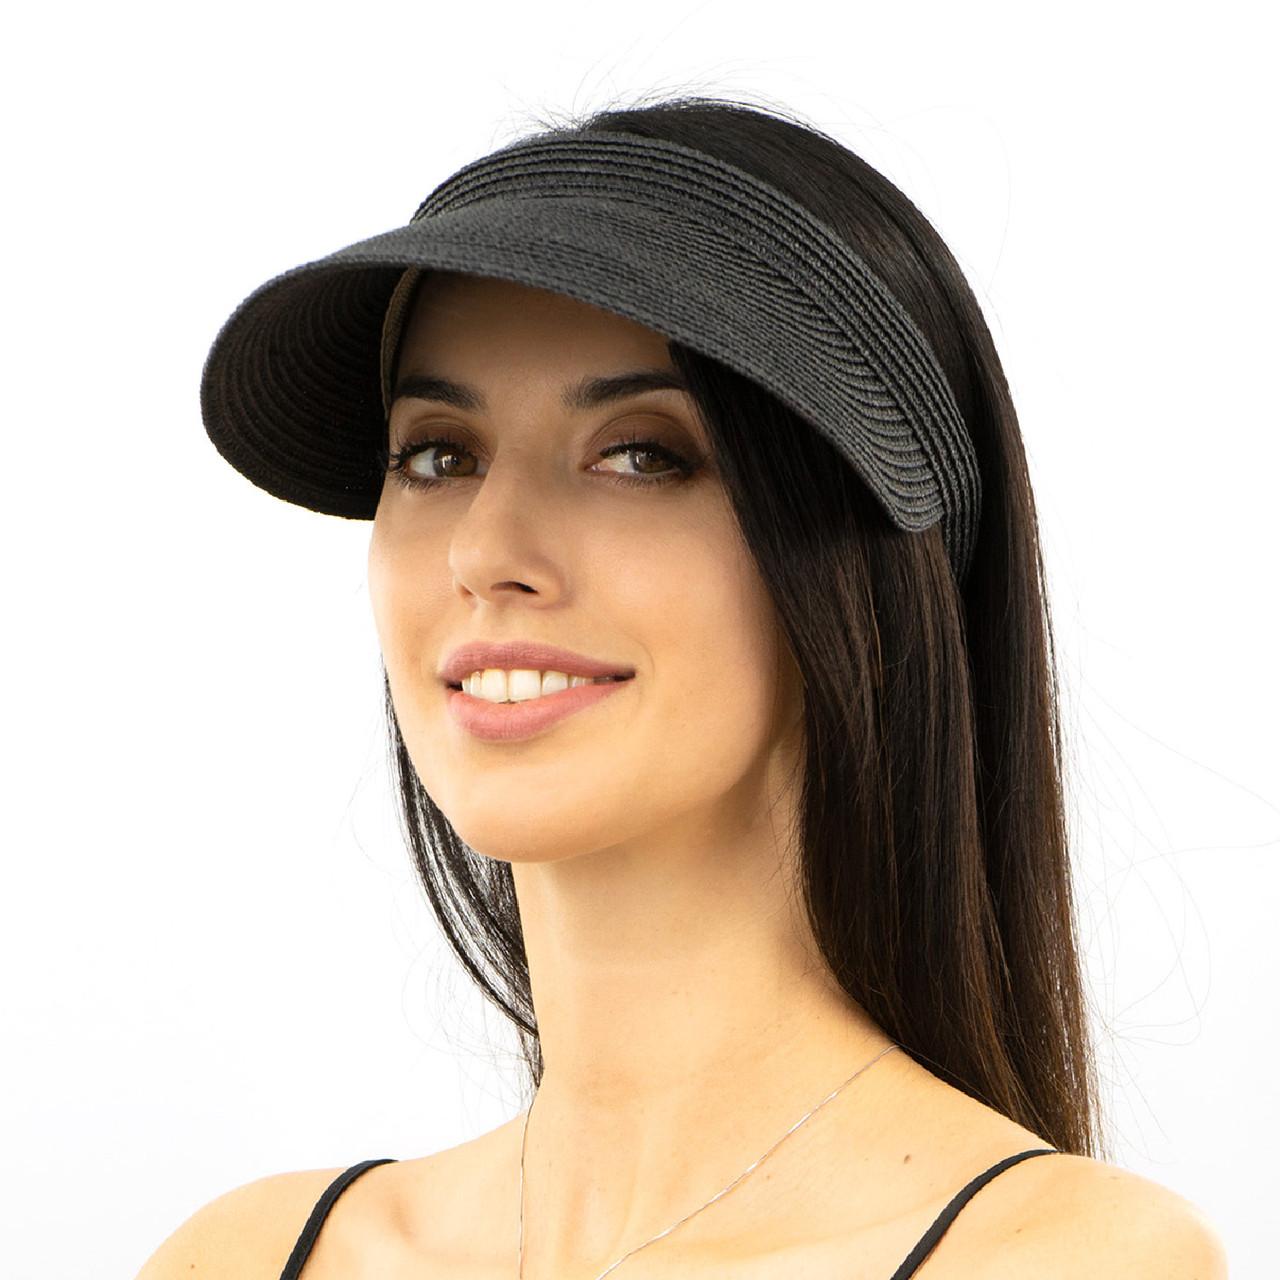 Шляпа женская Marmilen Обруч Без банта черная( 1001-05 )